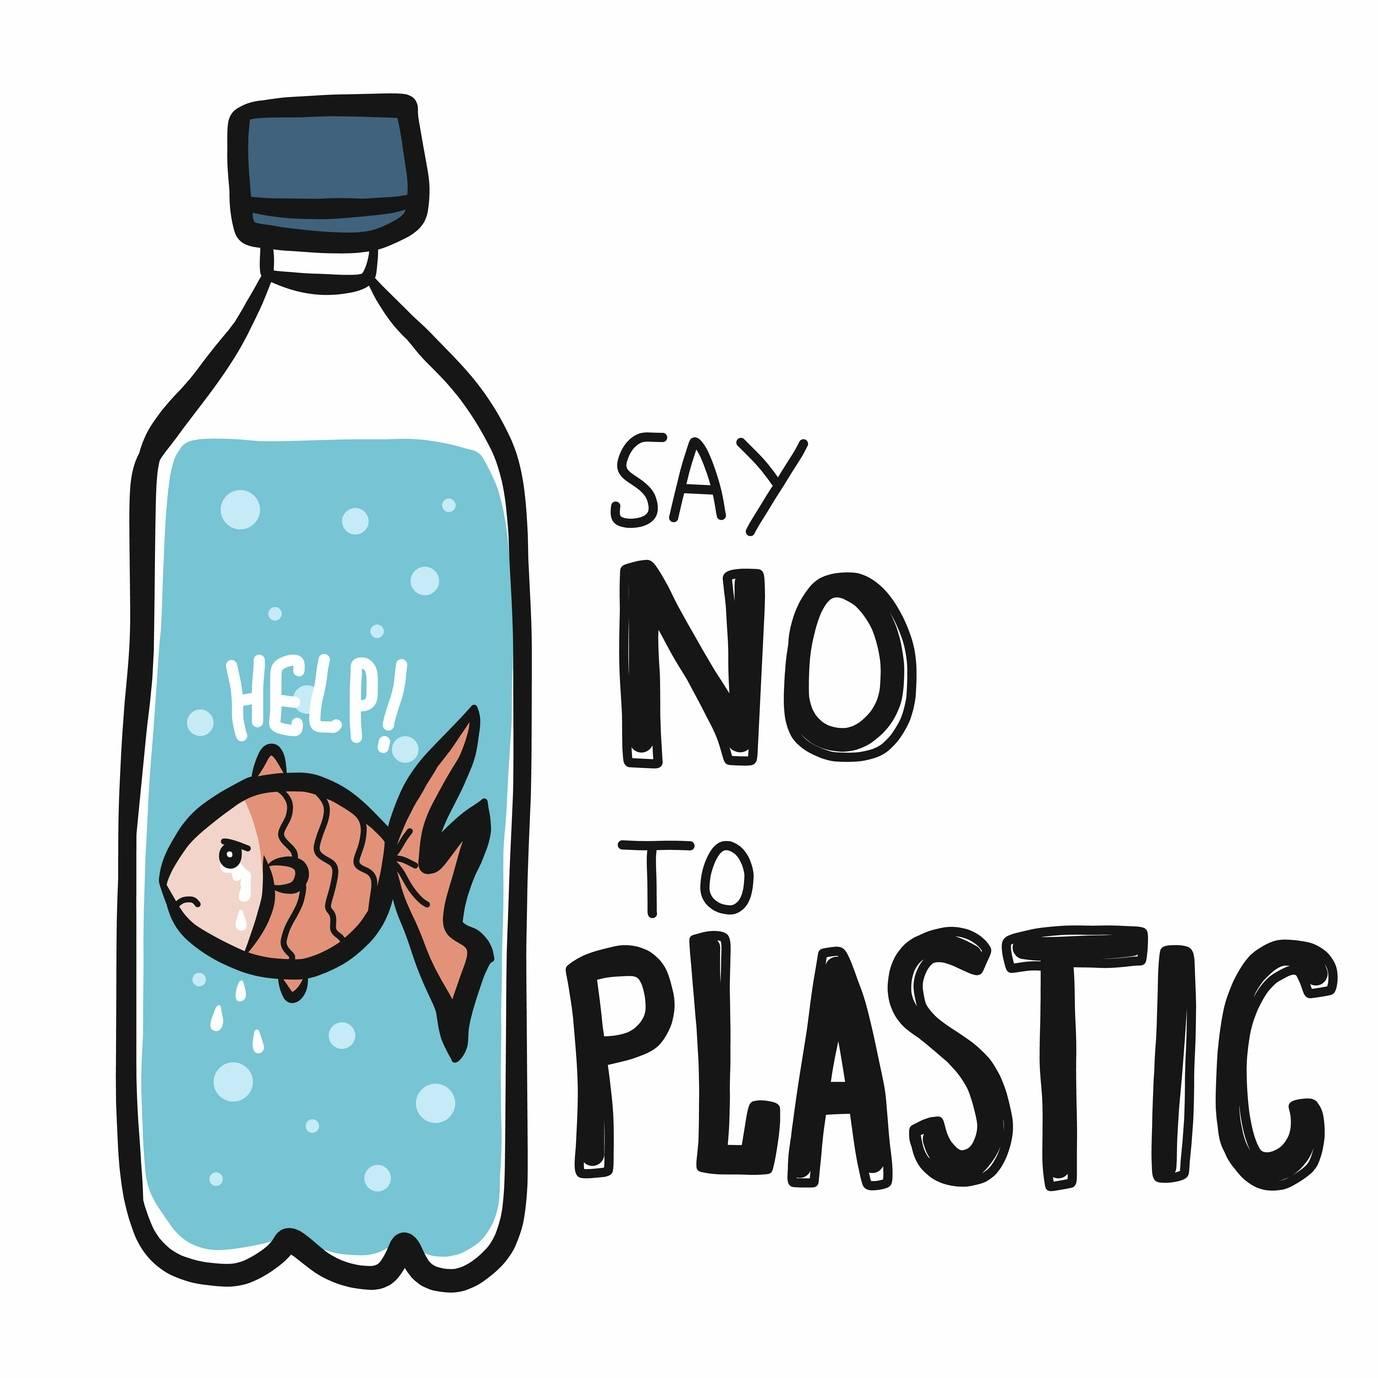 Czym zastąpić plastik? Powiedz nie plastikowi.